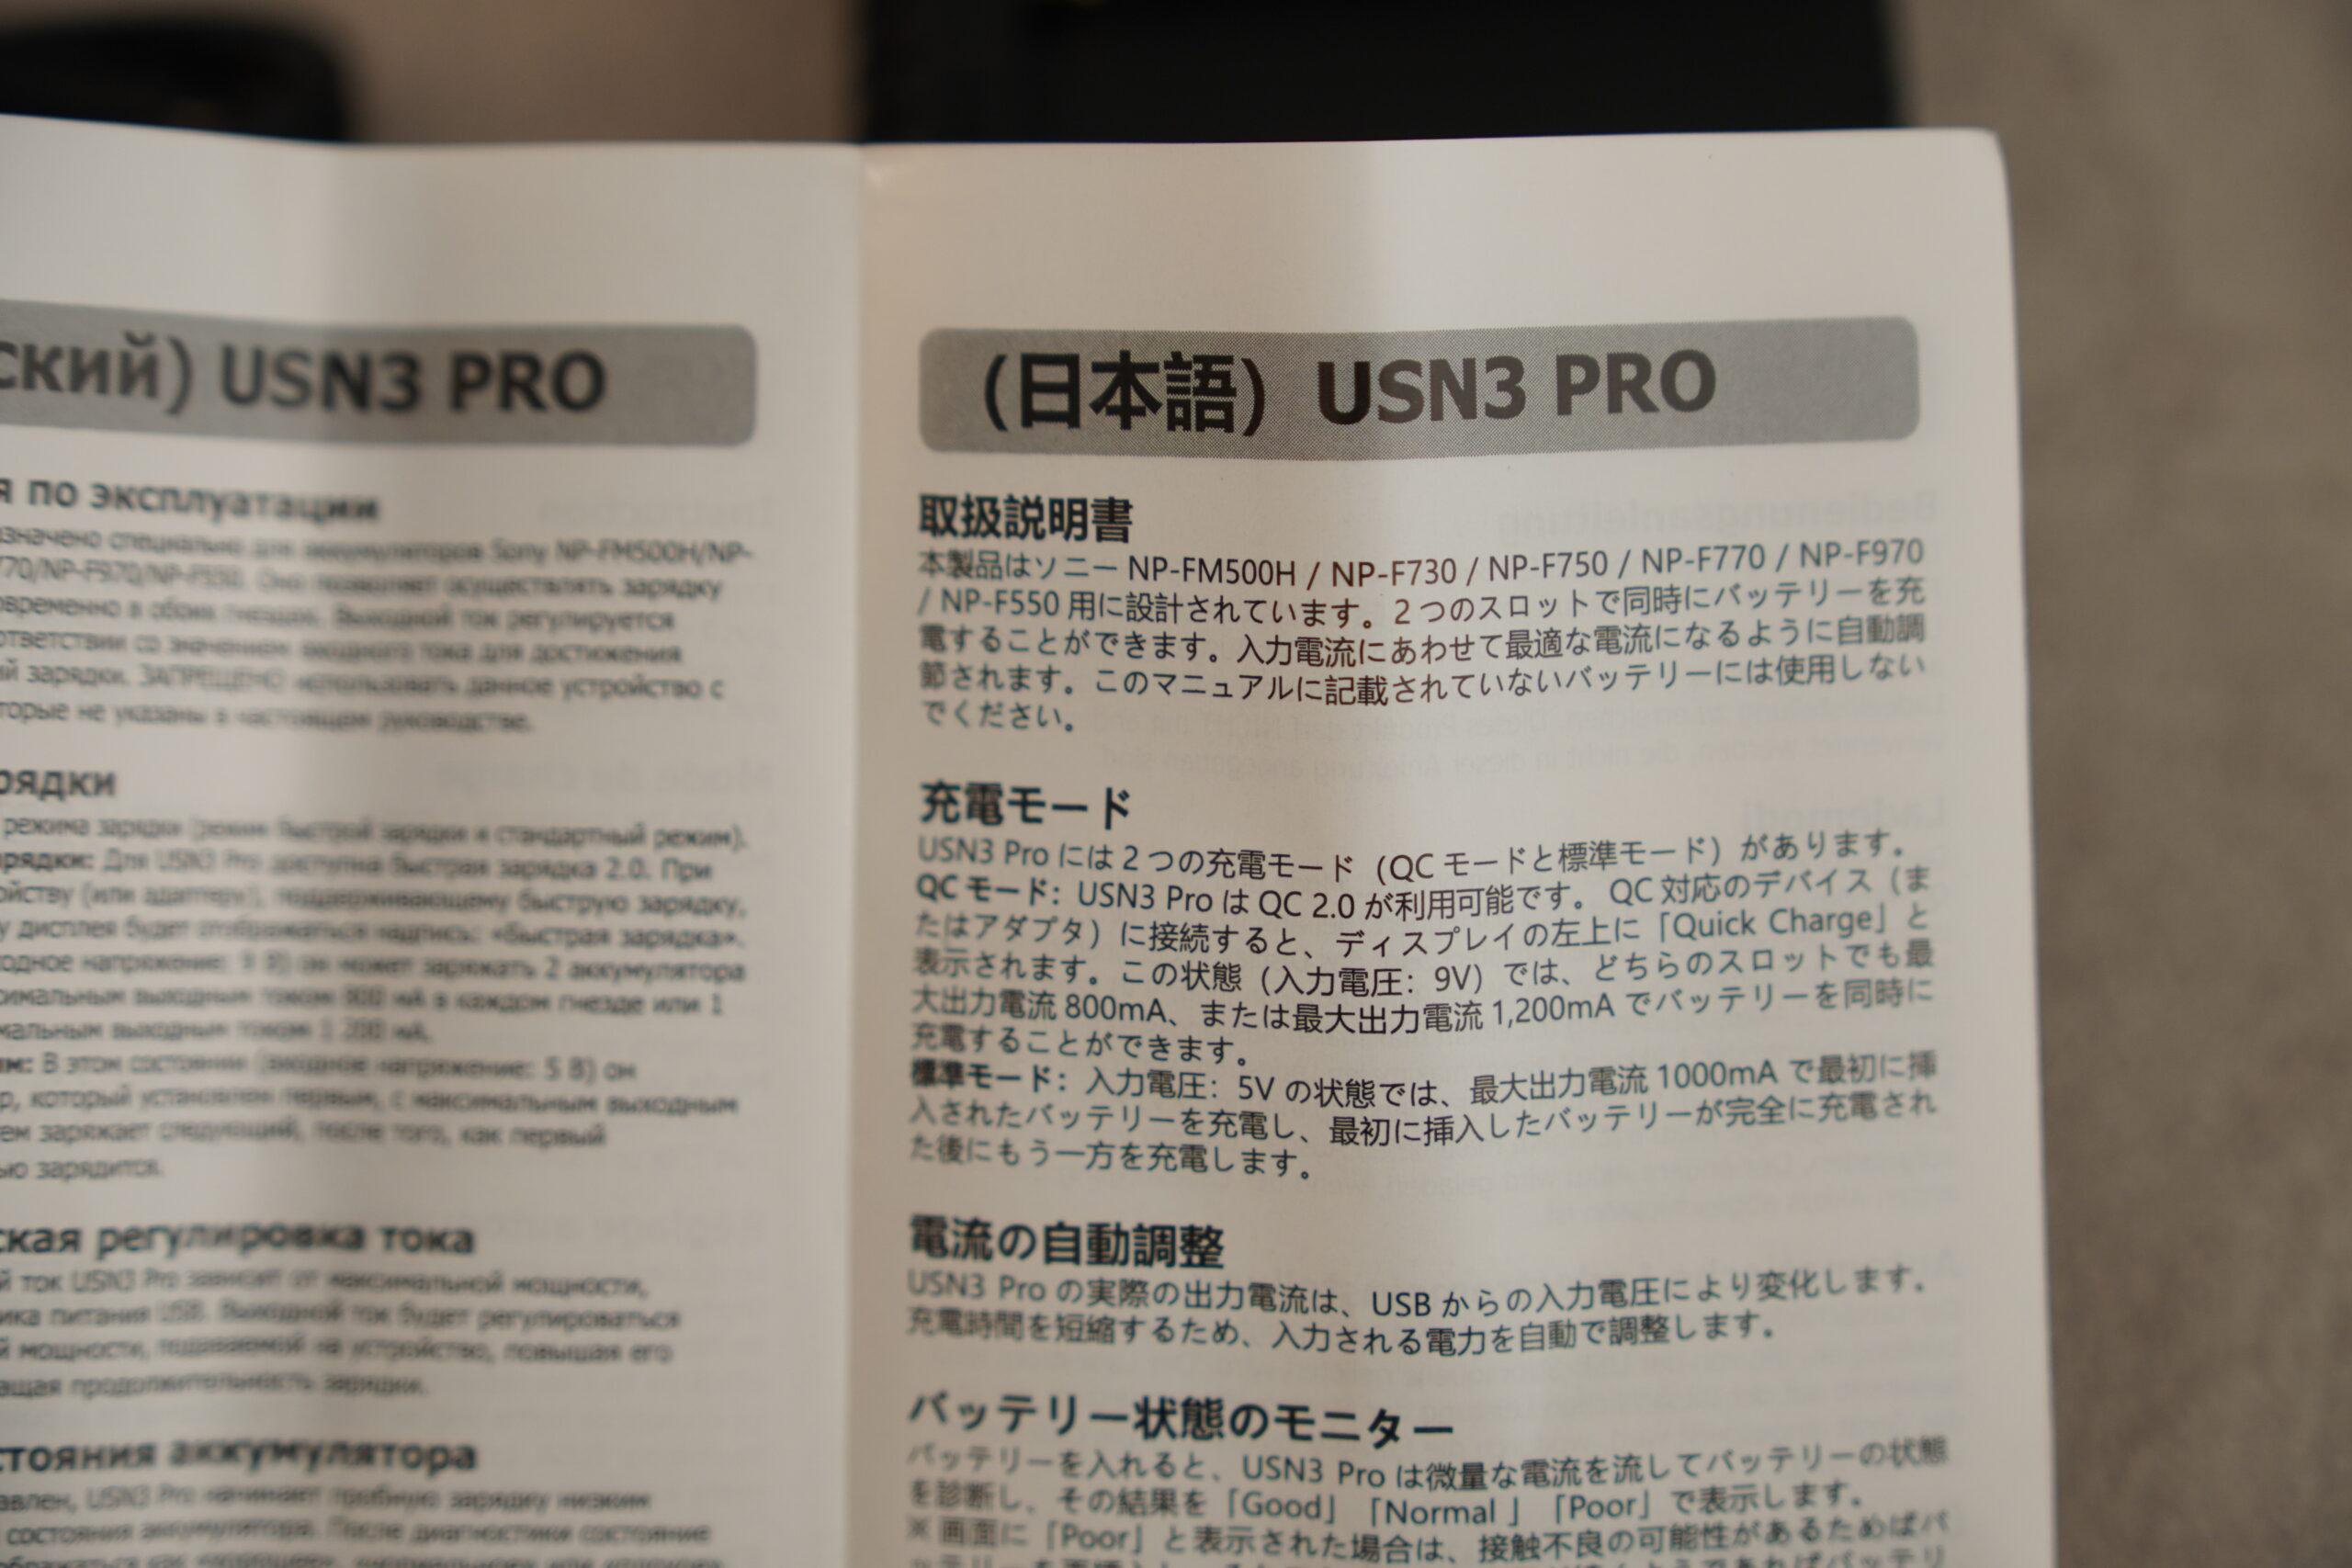 NITECORE USN3 PRO 取扱説明書